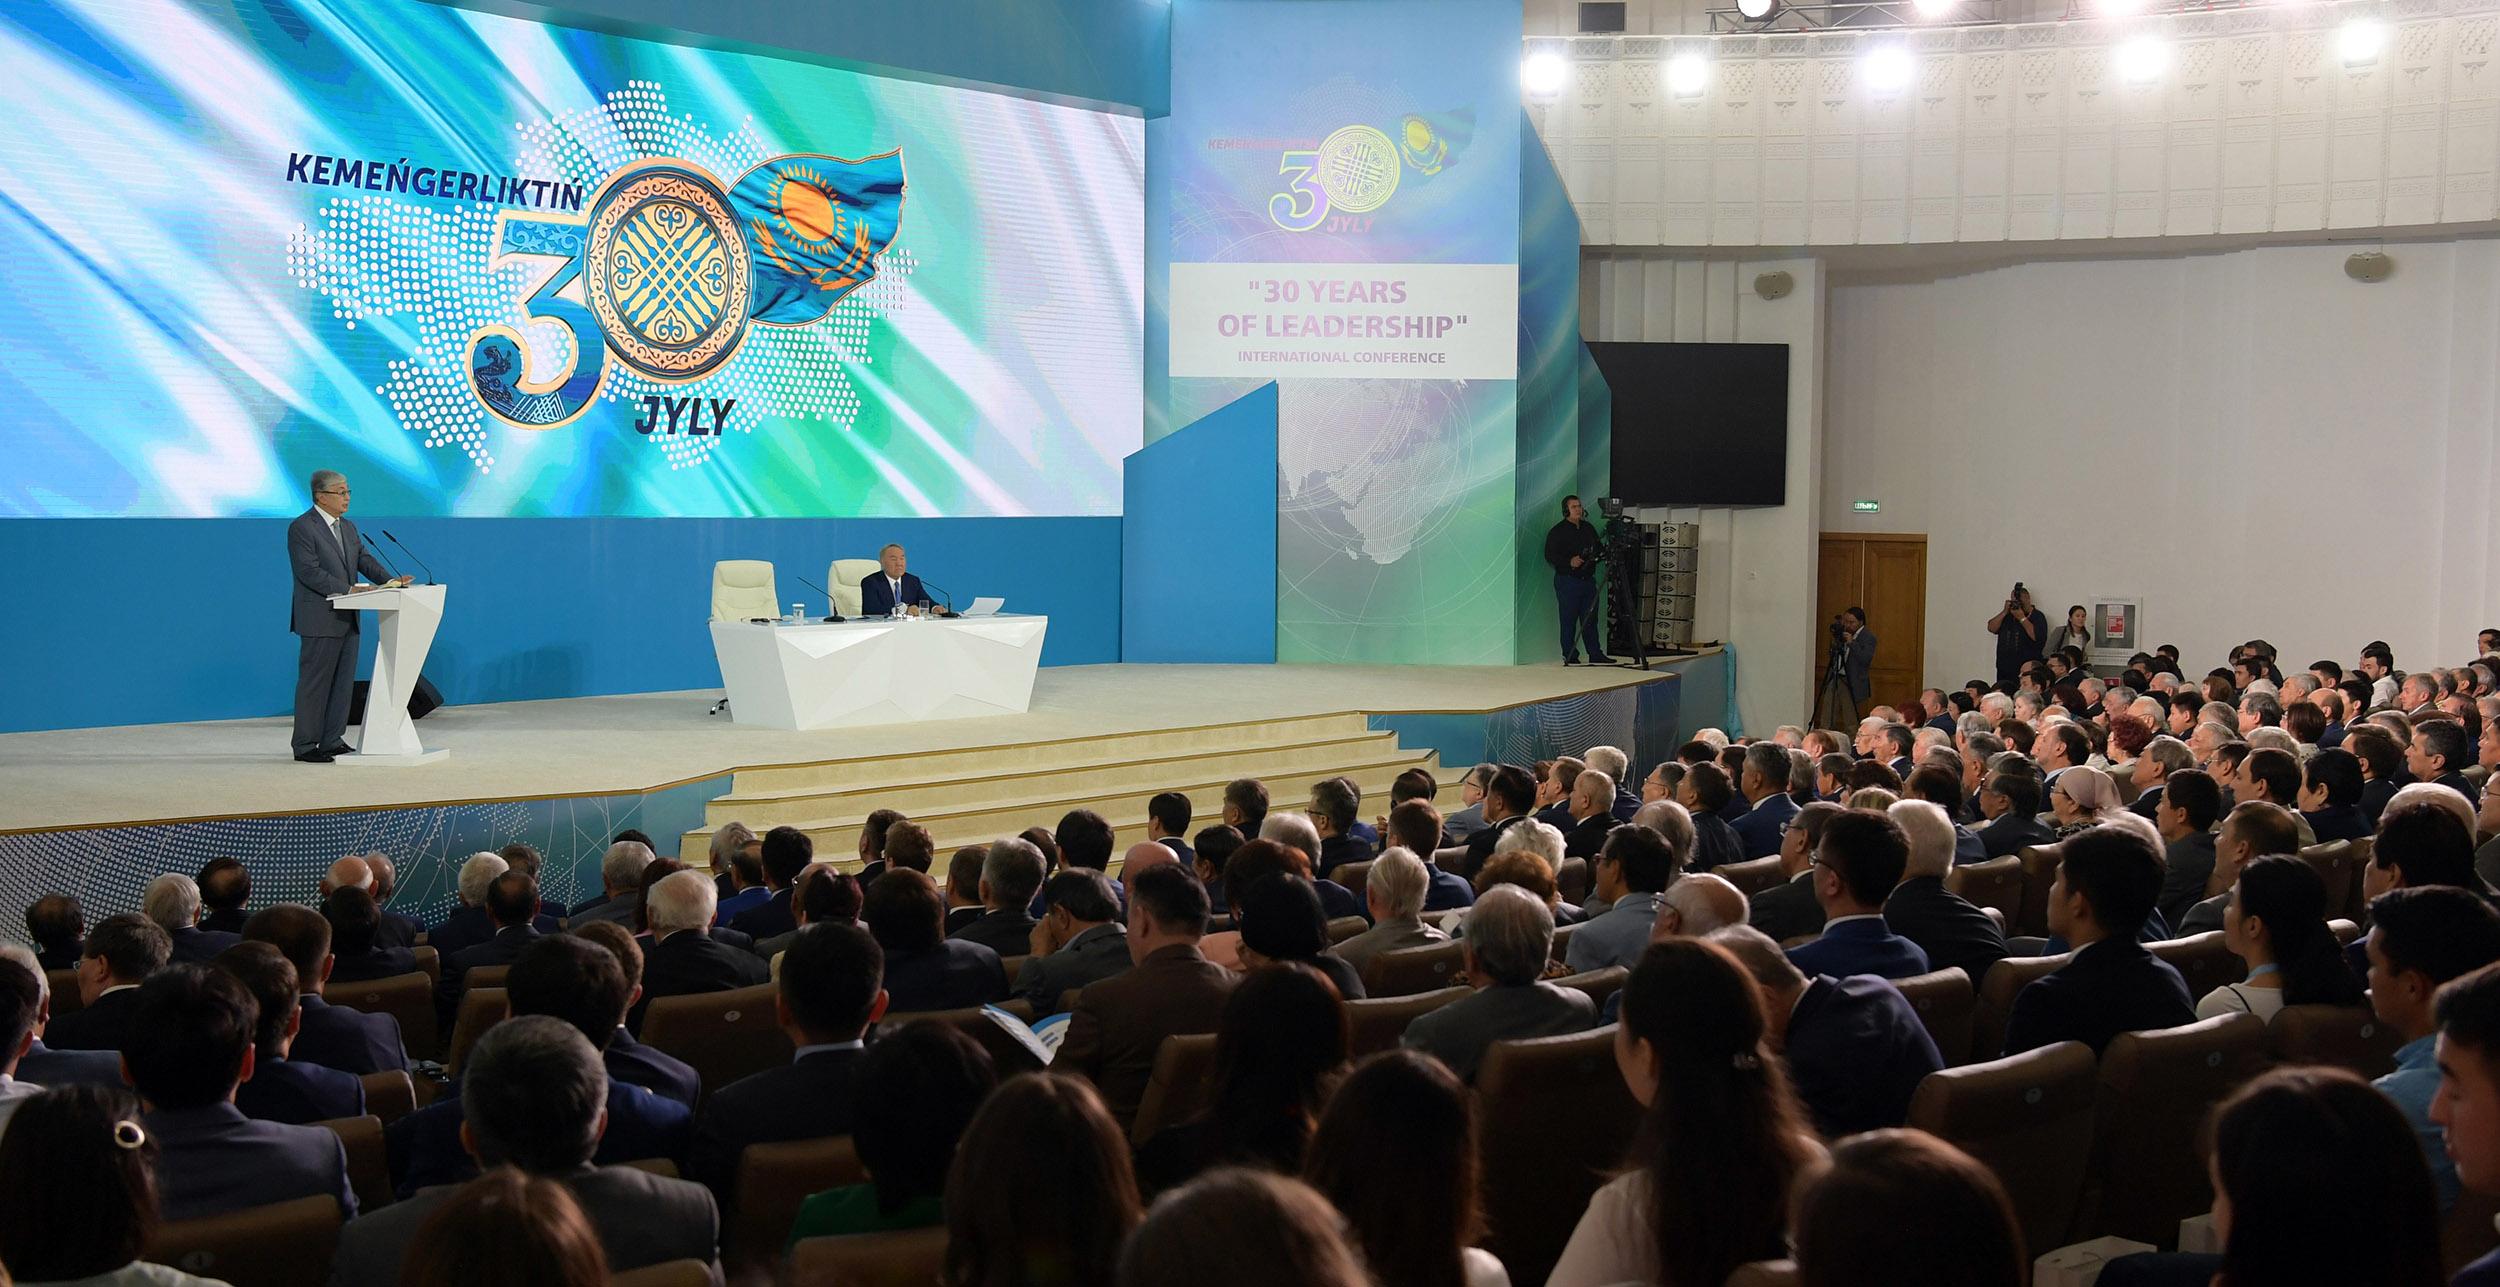 Касым-Жомарт Токаев принял участие в Международной конференции «30 лет лидерства»